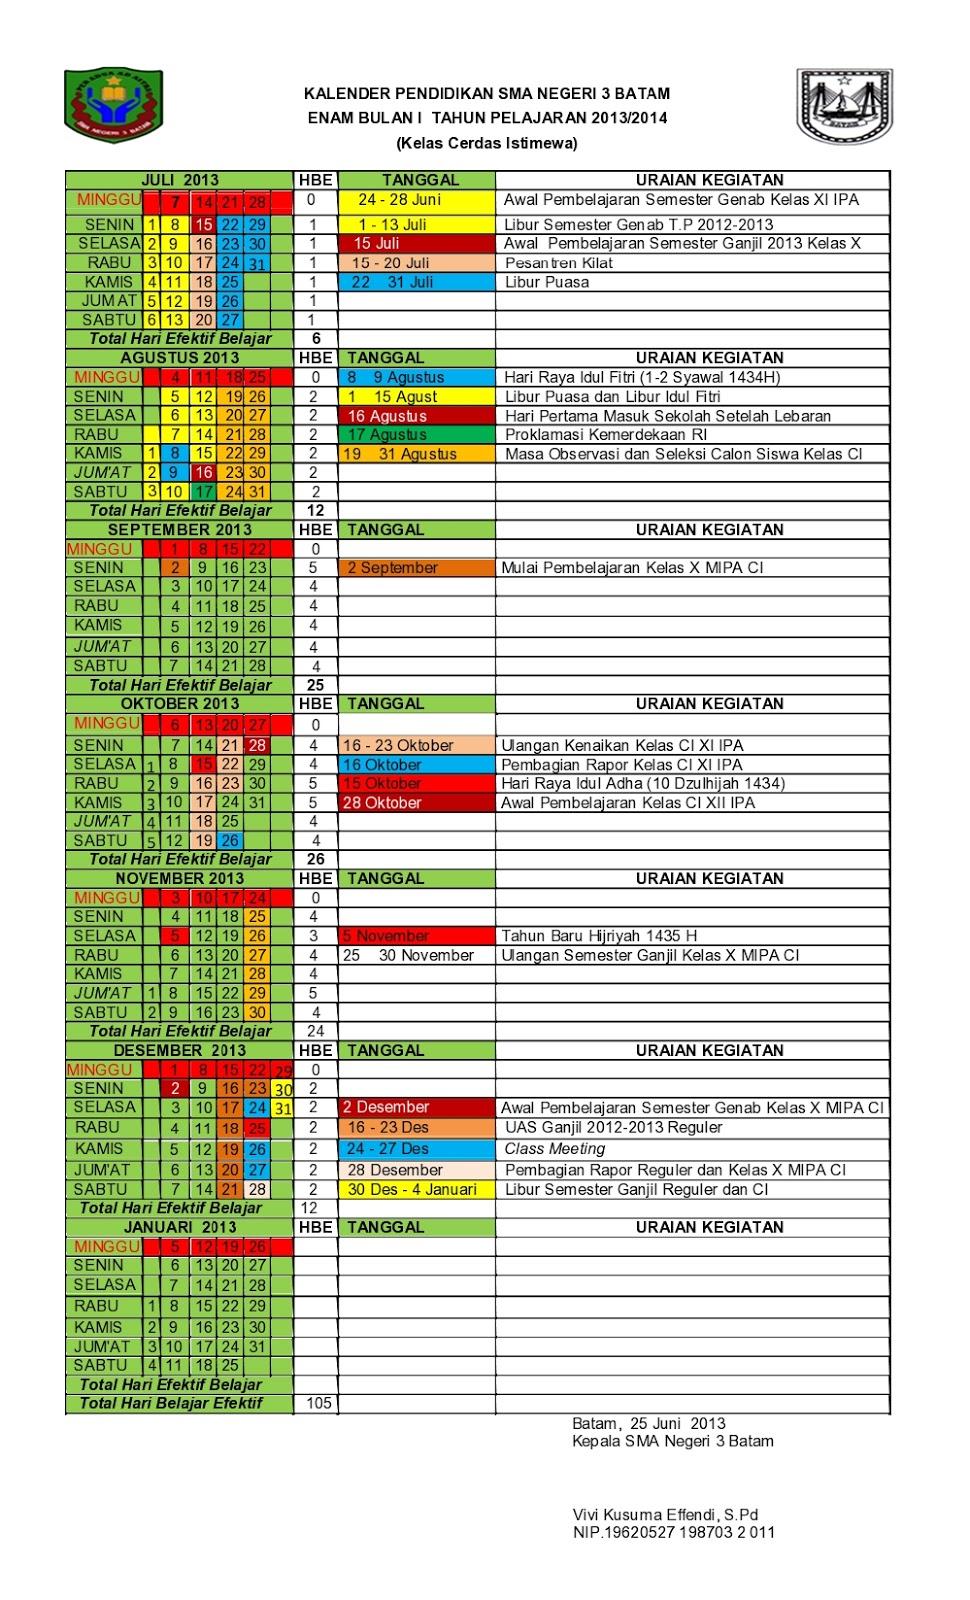 Download : Kalender Pendidikan Tahun Pelajaran 2013-2014